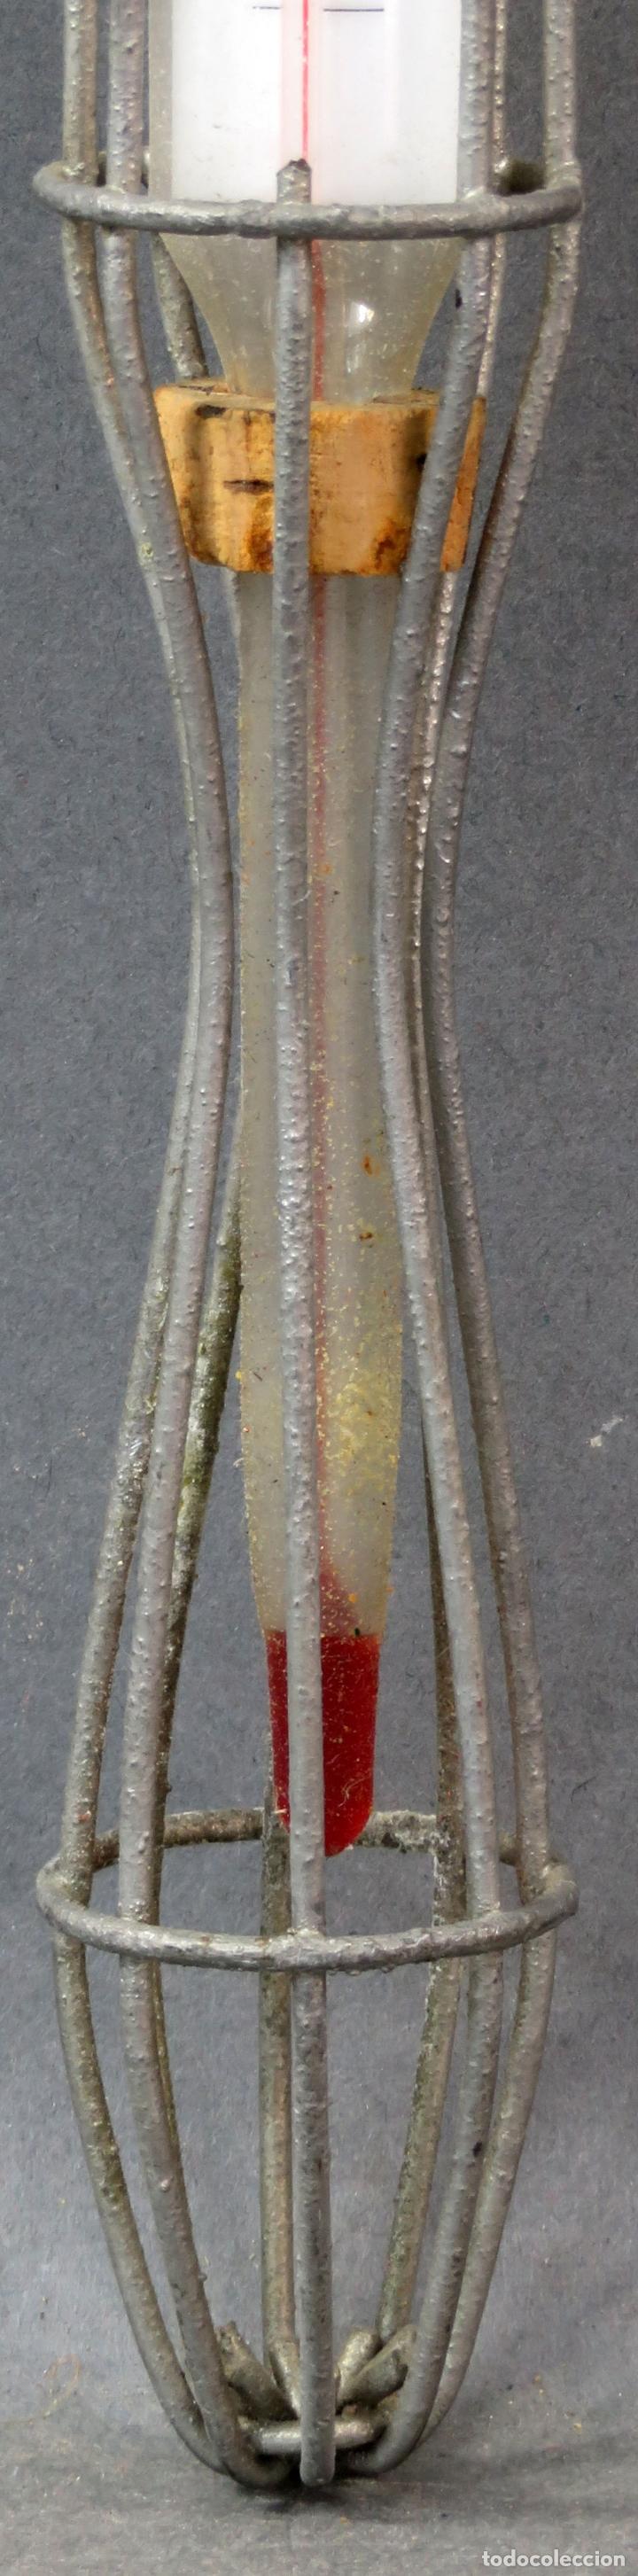 Antigüedades: Termómetro profesional de Material Avícola años 60 - Foto 3 - 167098496